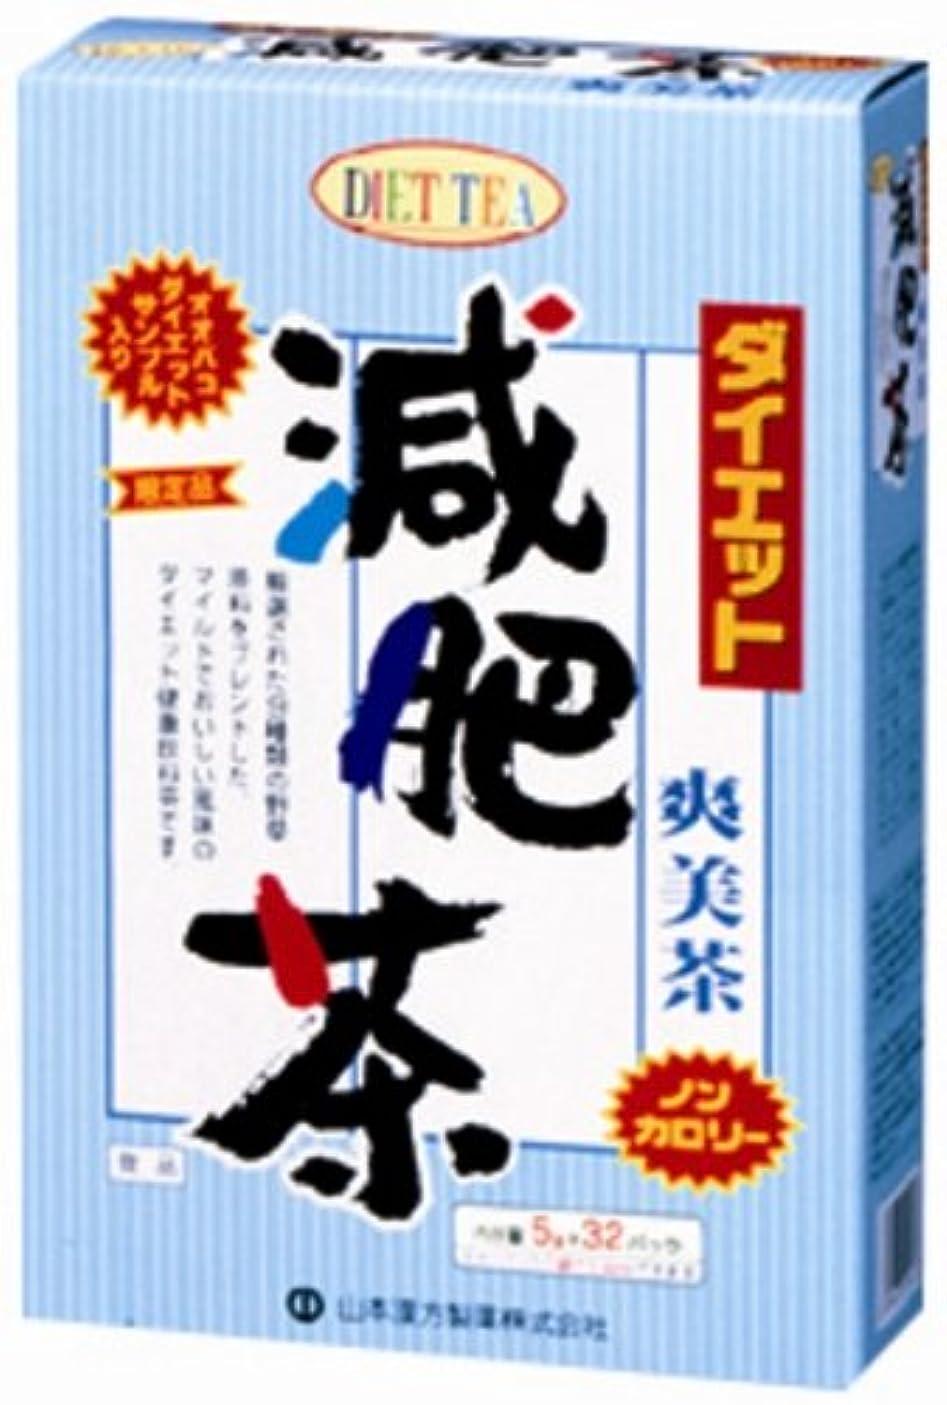 ブラウザ排泄する負荷山本漢方製薬 ダイエット減肥茶680 5gX32H